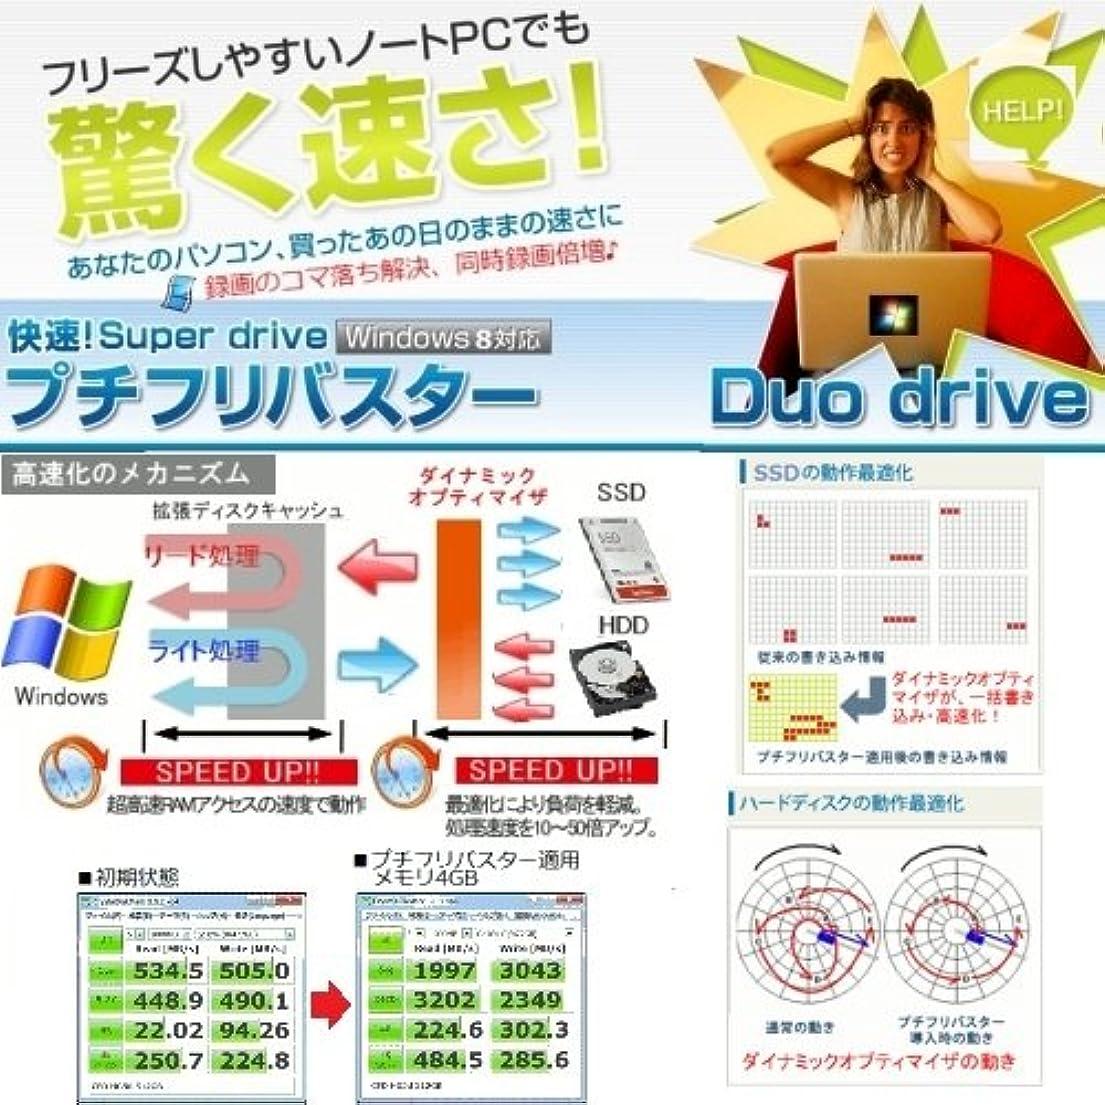 好戦的などっちでも輸送快速SuperDrive「プチフリバスター Duo drive」1ライセンス [ダウンロード]